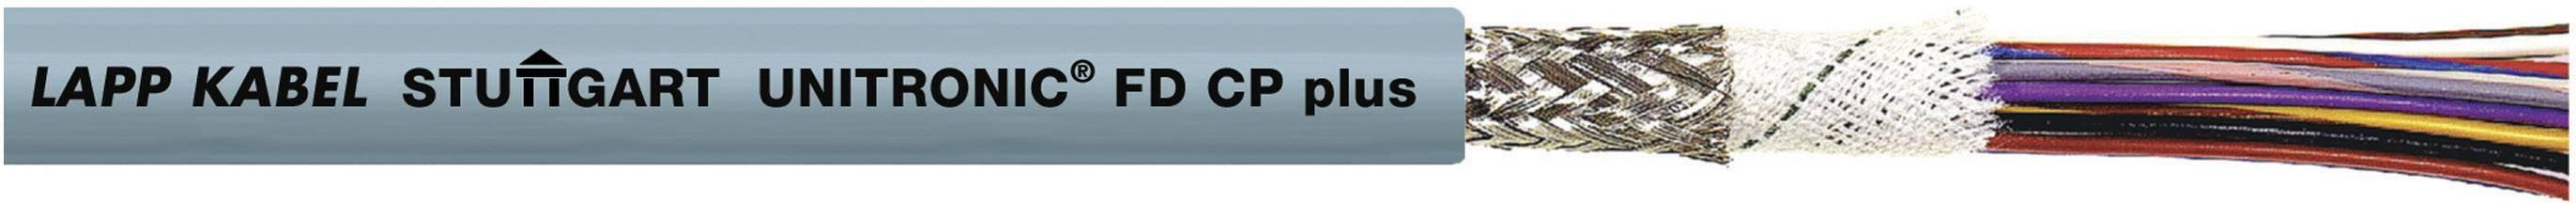 Datový kabel LappKabel UNITRONIC FD CP plus 4X0,25 (0028891), 4x 0,25 mm², Ø 5,8 mm, stíněný, 1 m, šedá